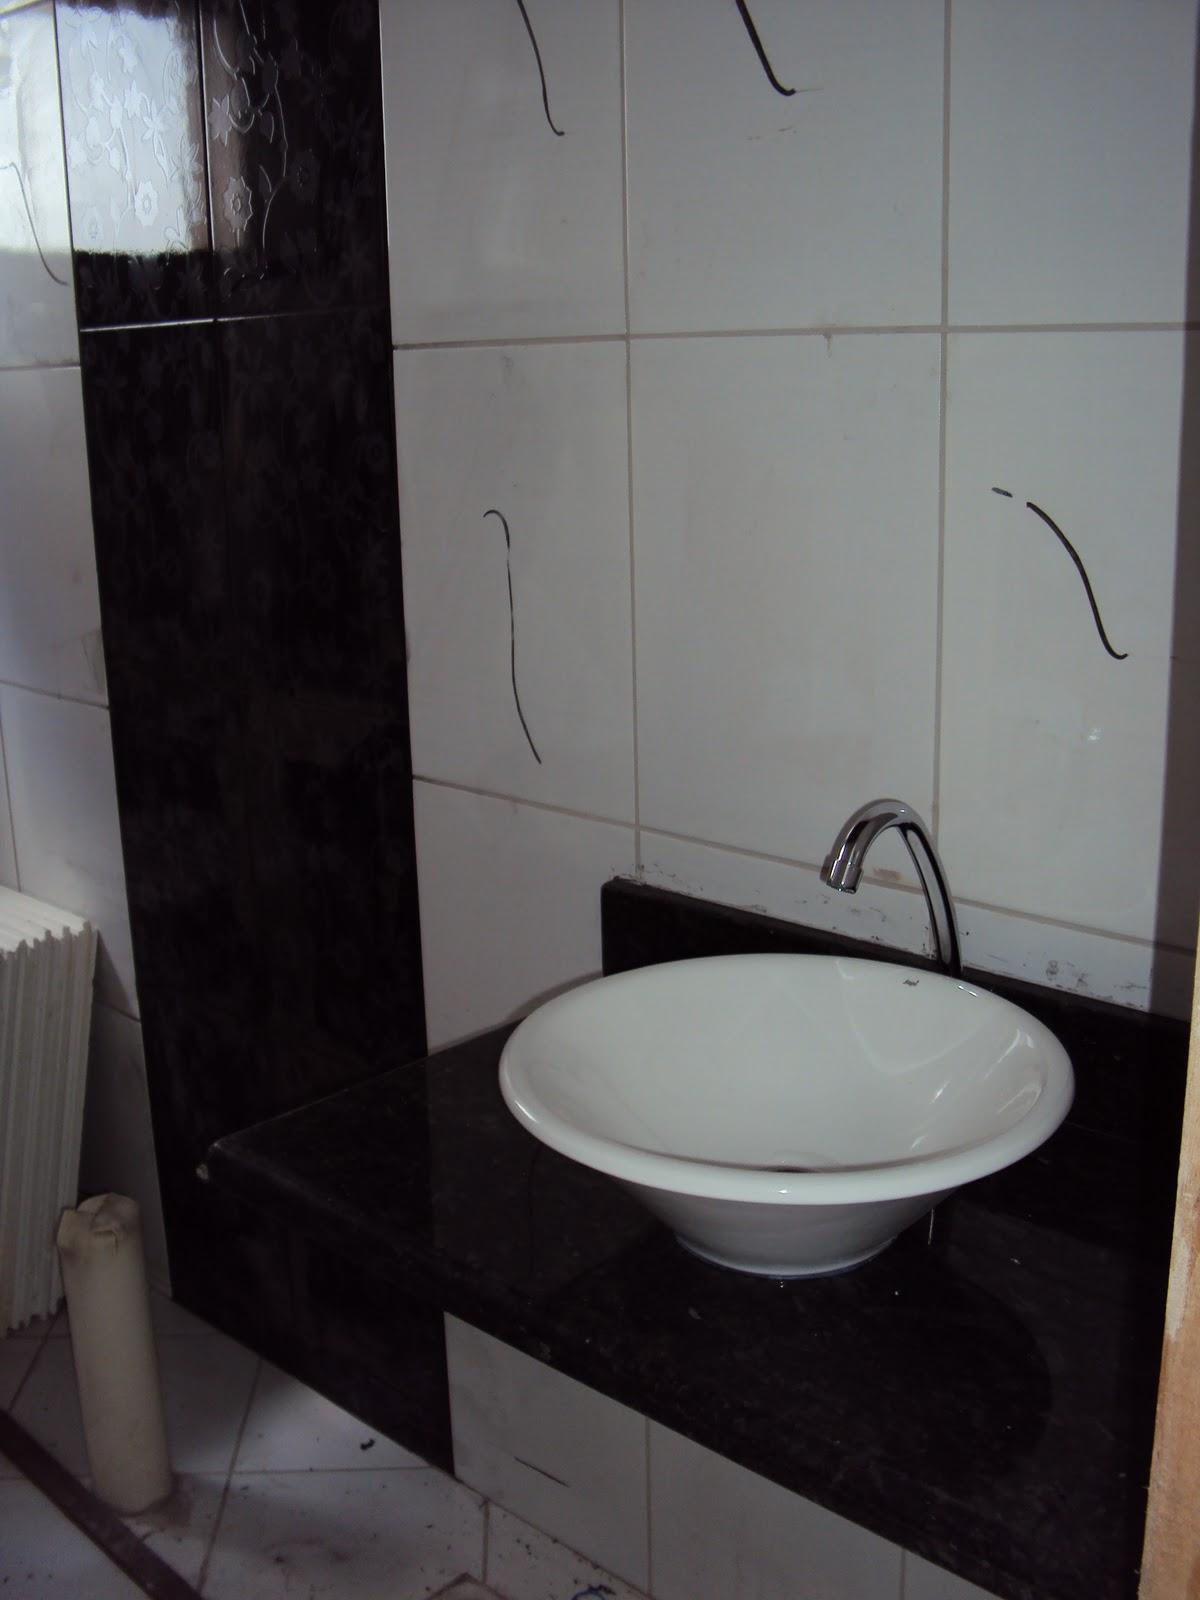 Nosso Sonho Nossa Casa: Passeio de domingo na casinha = Algumas  #7D624E 1200x1600 Balança Banheiro Qual A Melhor